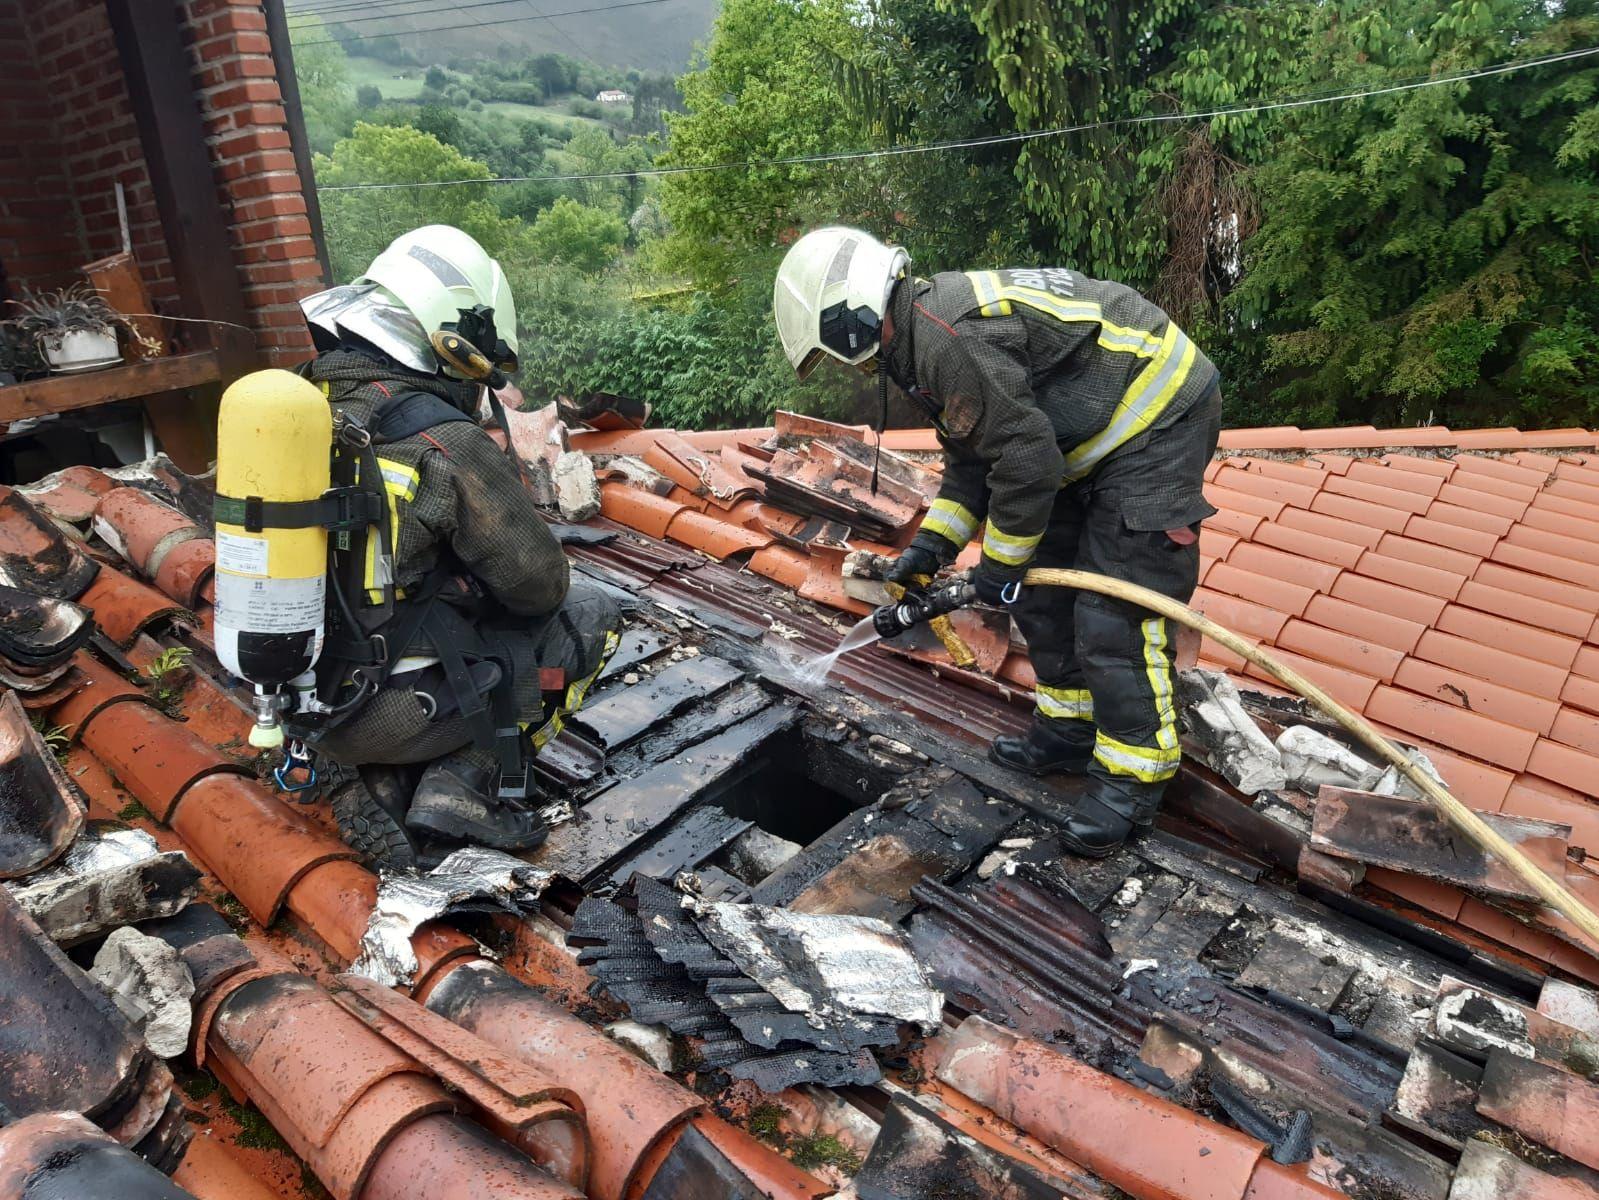 bomberos en el tejado refrigerando la zona quemada